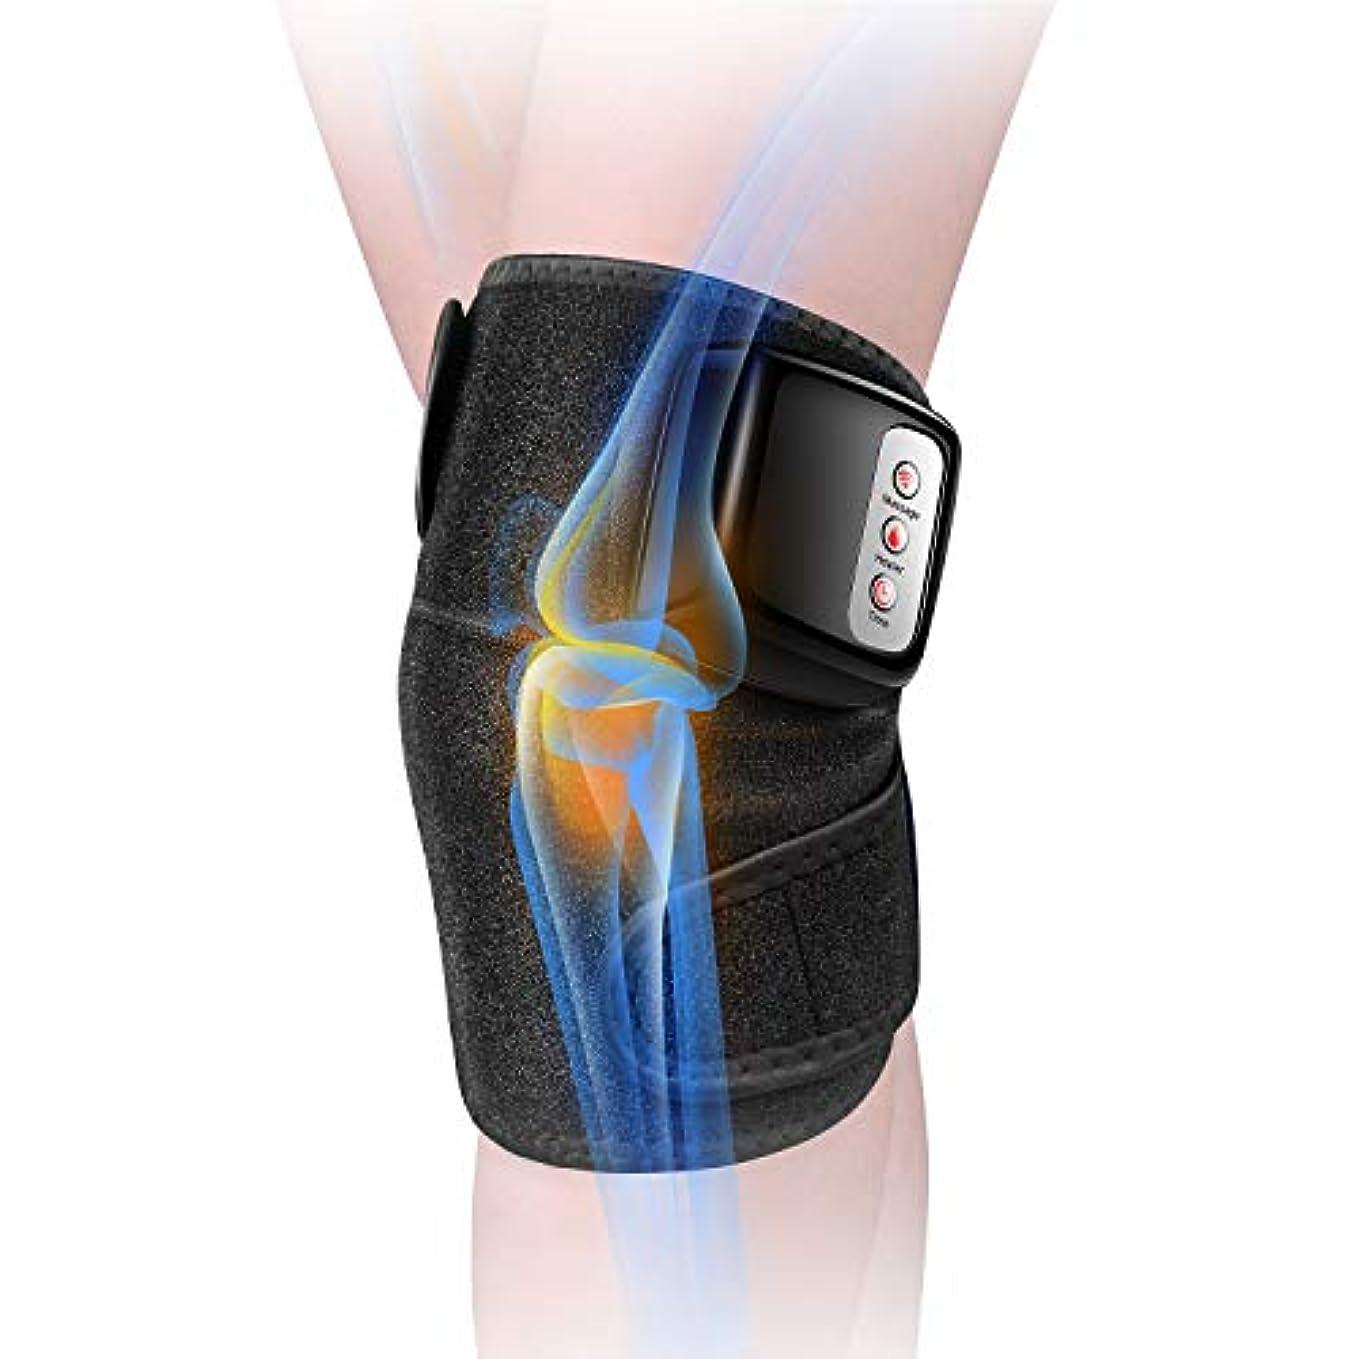 結紮住所傀儡膝マッサージャー 関節マッサージャー マッサージ器 フットマッサージャー 振動 赤外線療法 温熱療法 膝サポーター ストレス解消 肩 太もも/腕対応